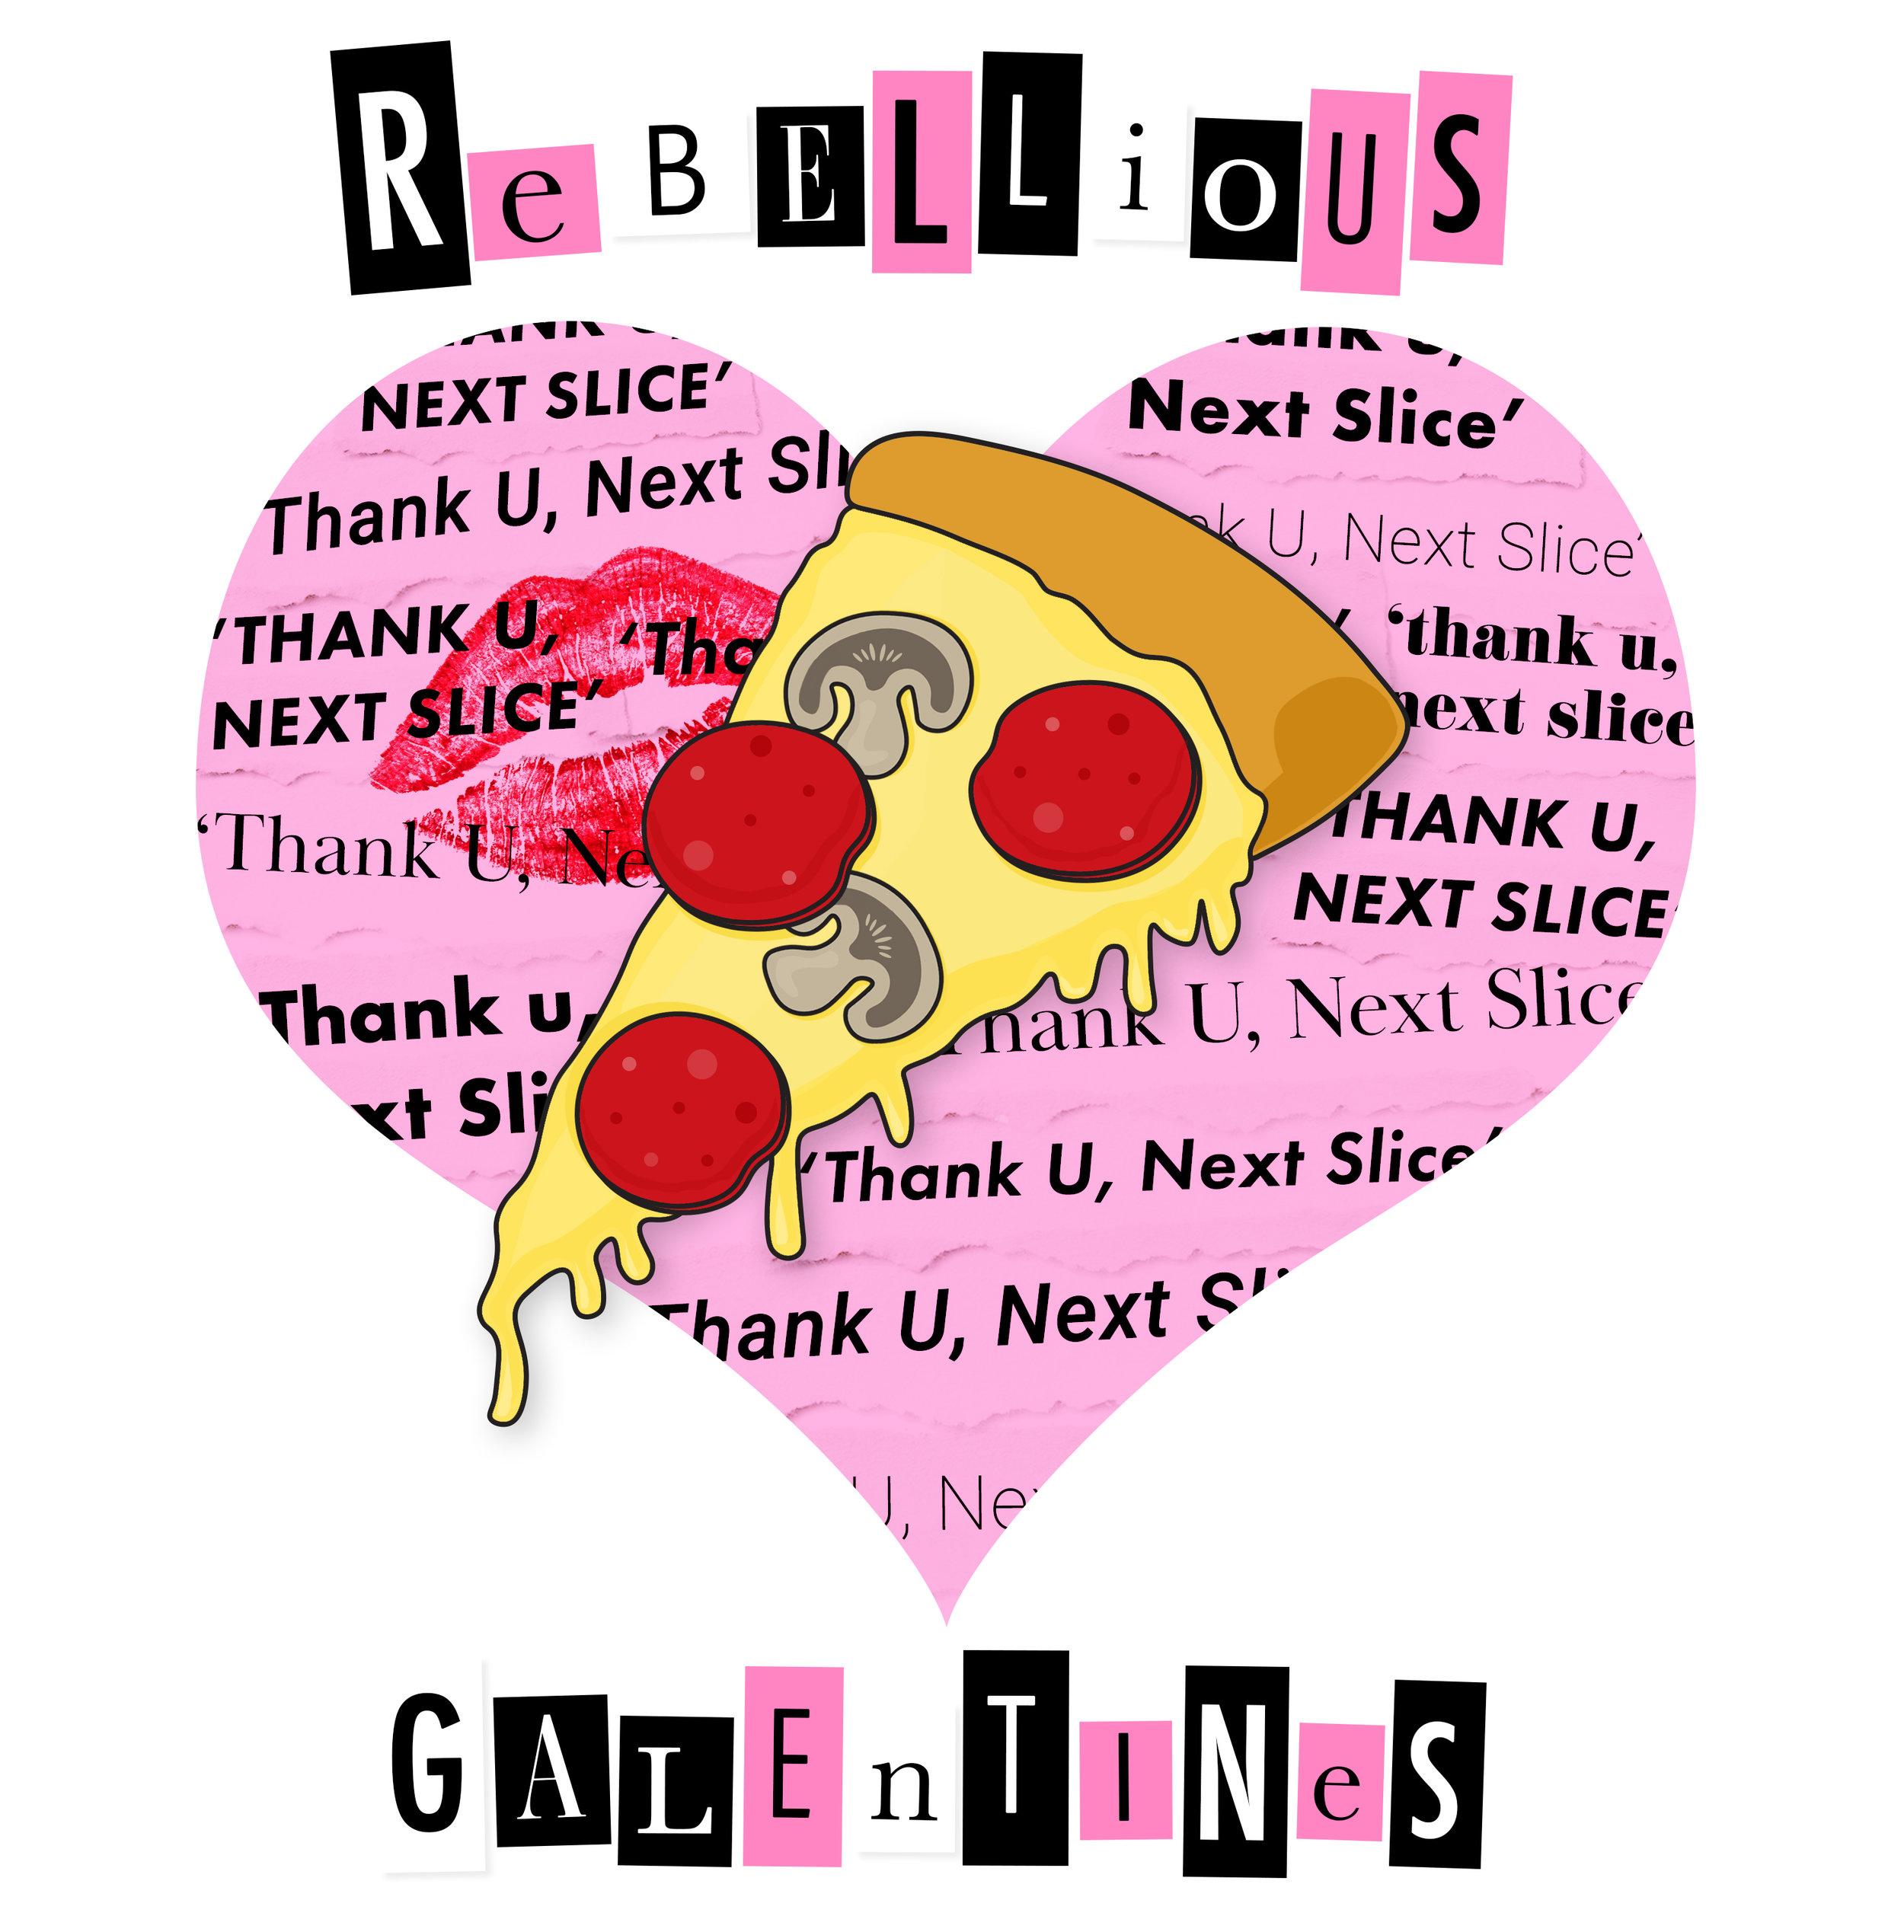 Rebellious-Pizza4.jpg